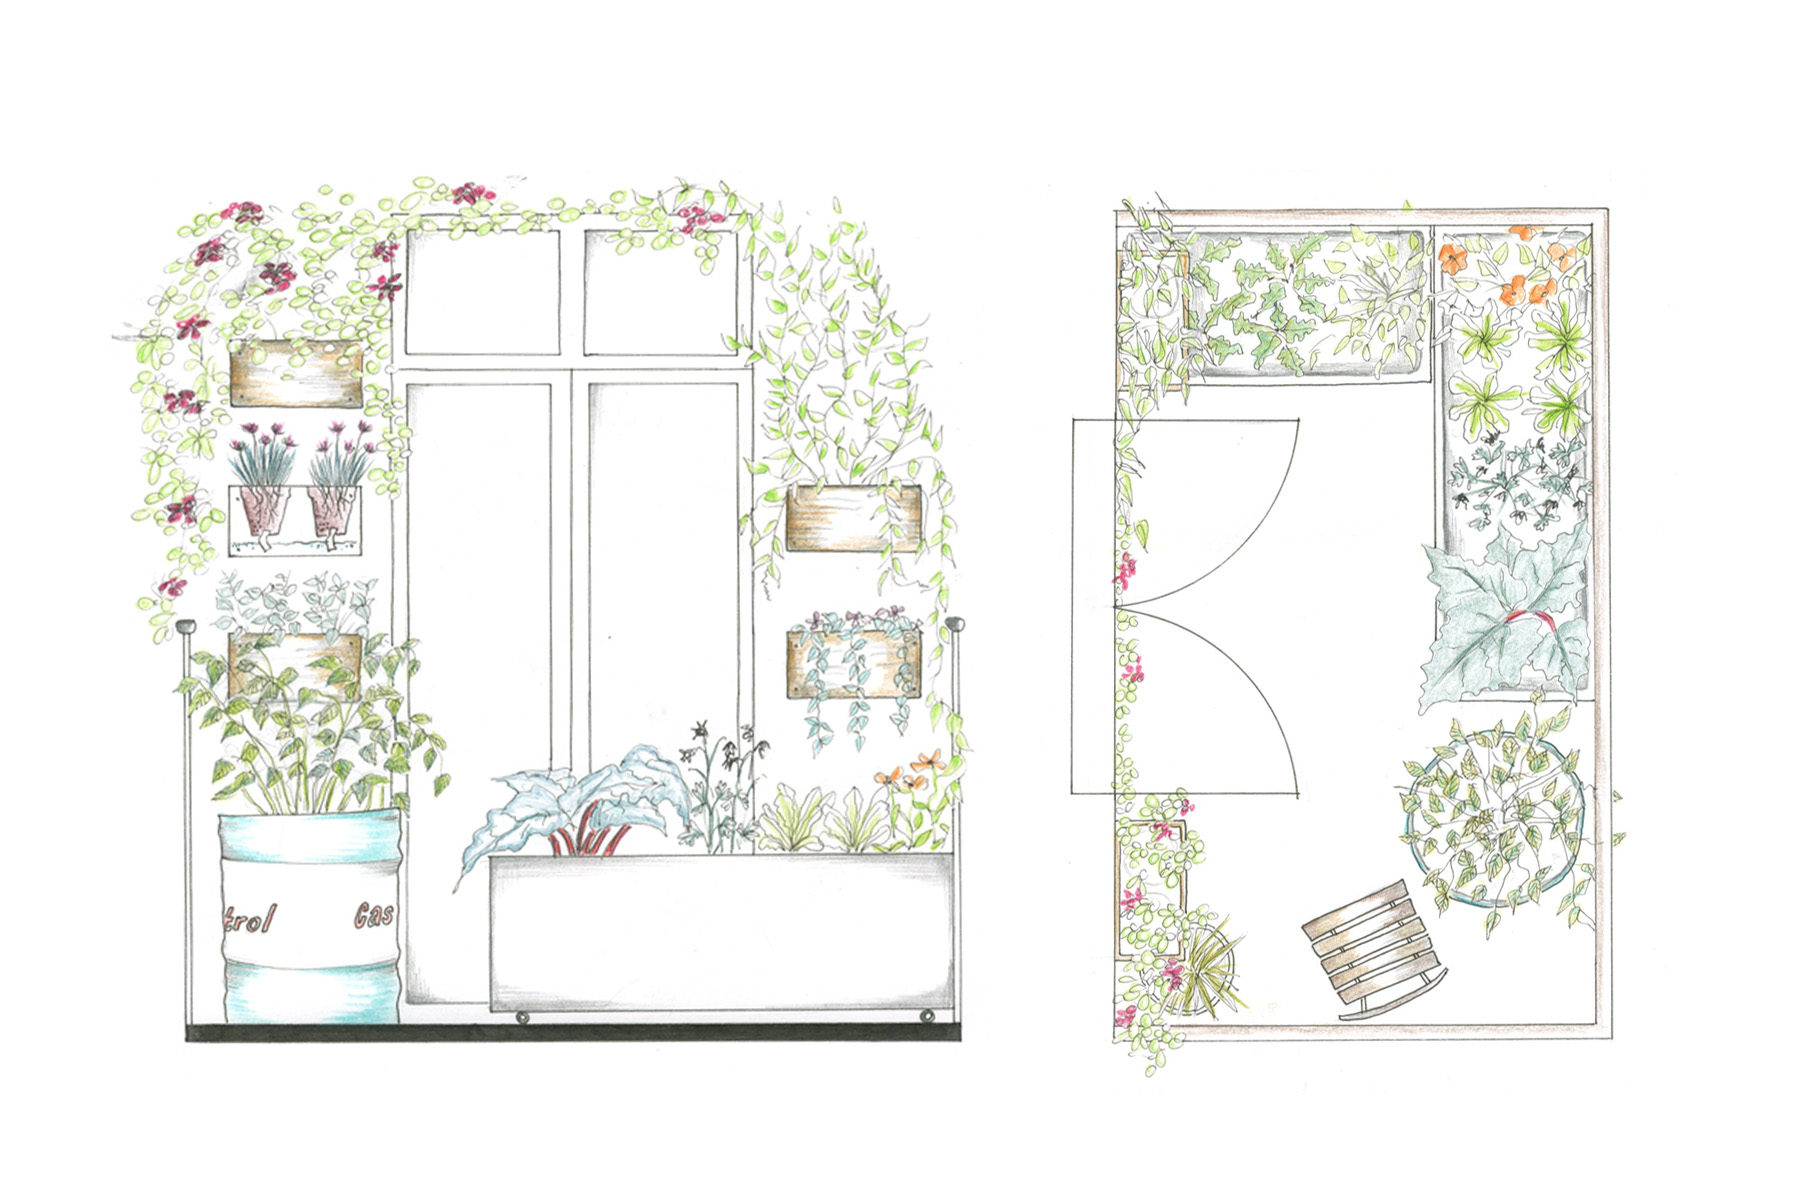 TagTomat-skitse til indretning af mellemstor altan